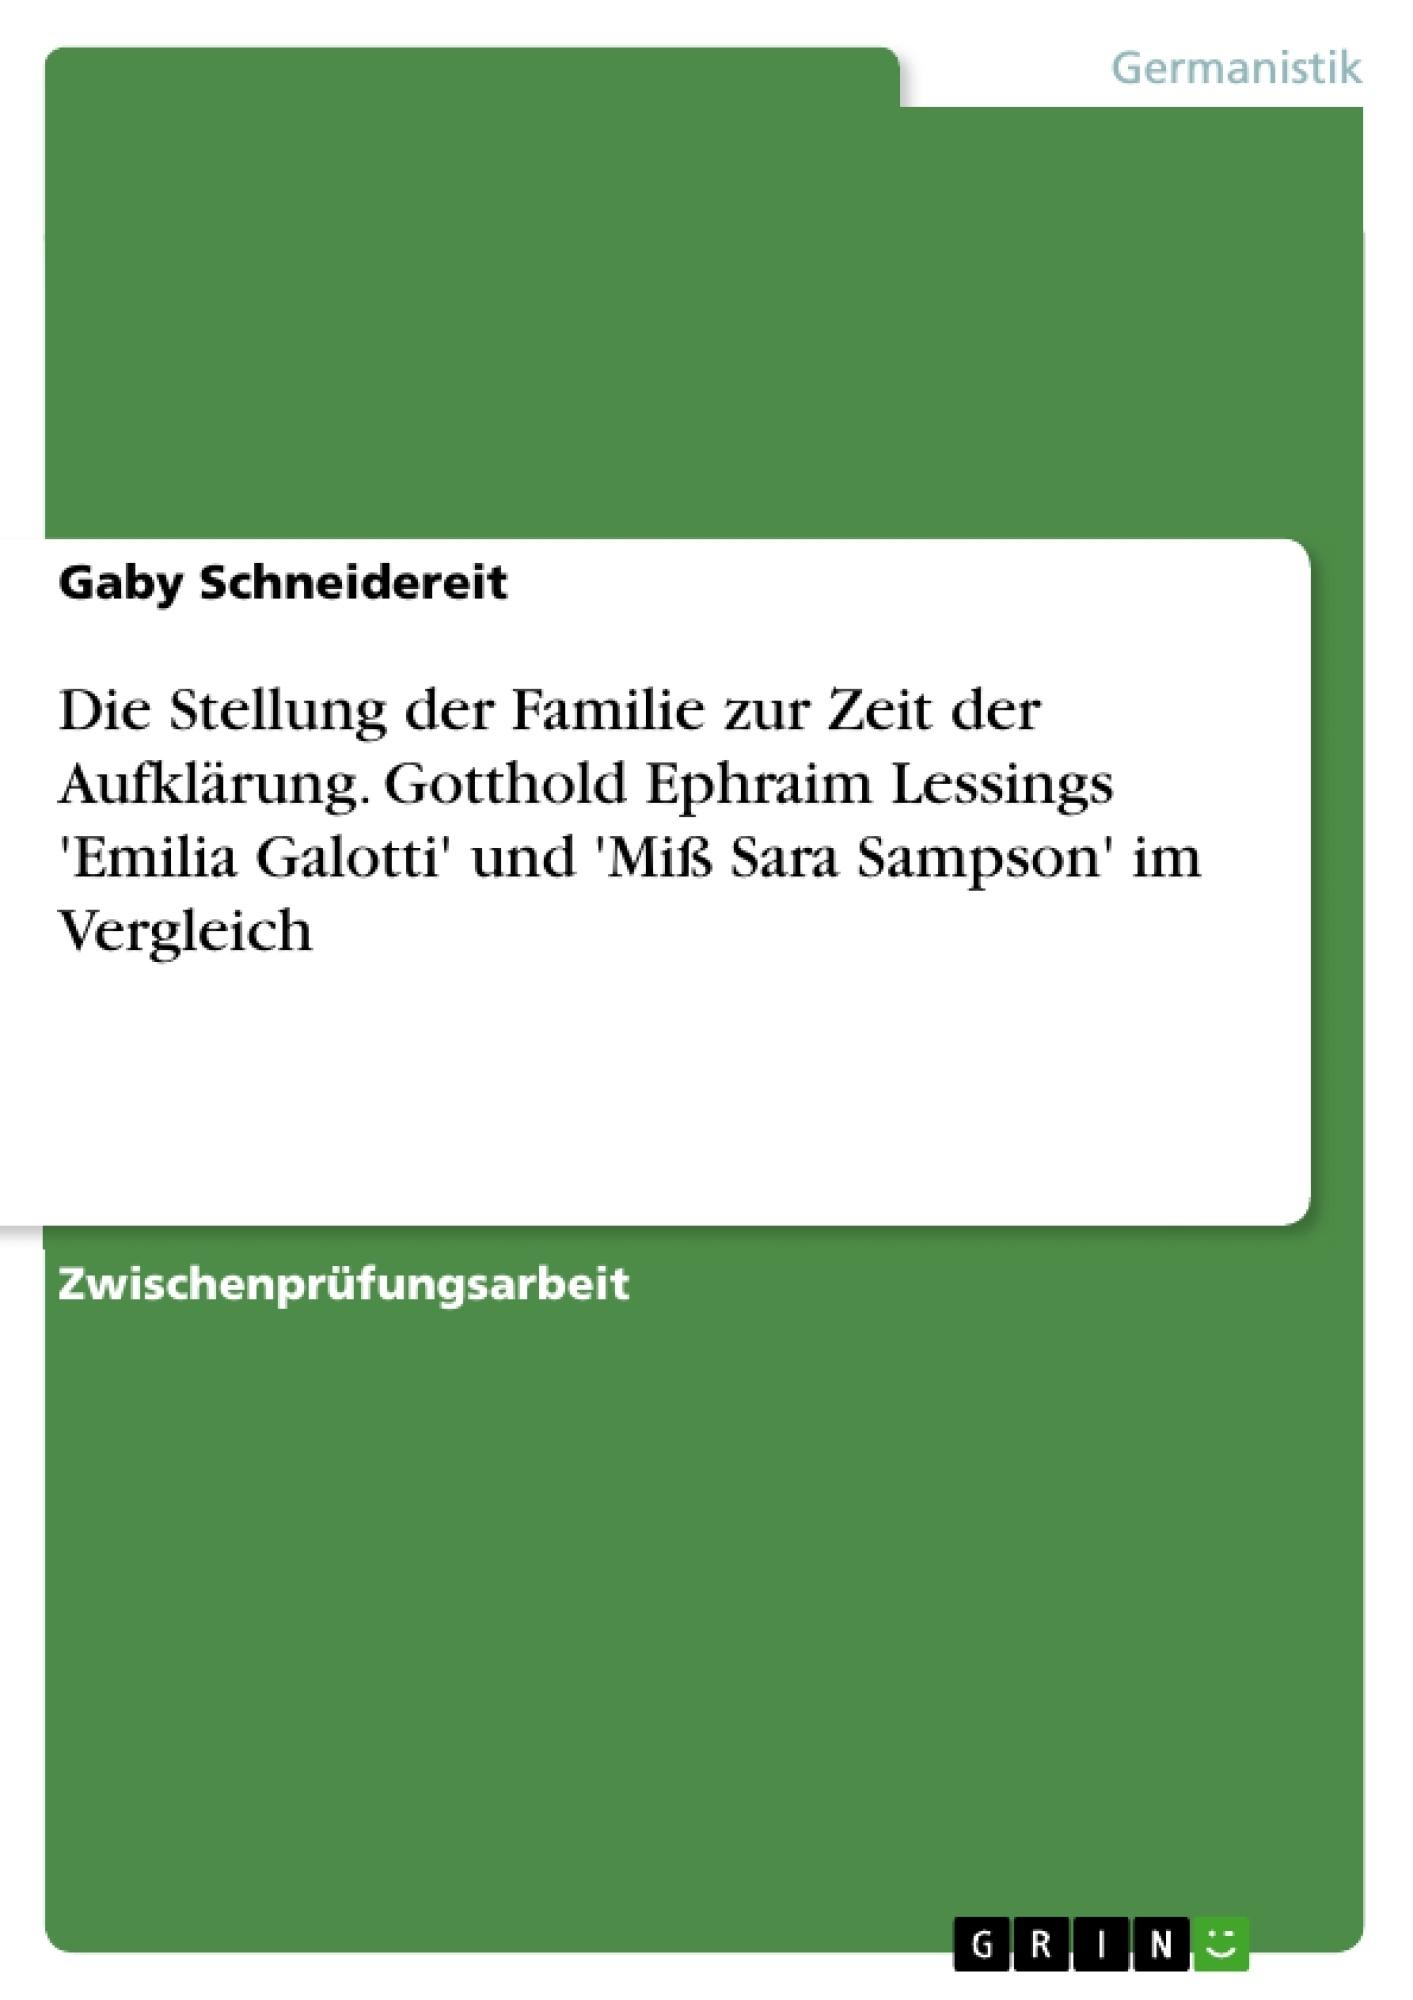 Titel: Die Stellung der Familie zur Zeit der Aufklärung. Gotthold Ephraim Lessings 'Emilia Galotti' und 'Miß Sara Sampson' im Vergleich